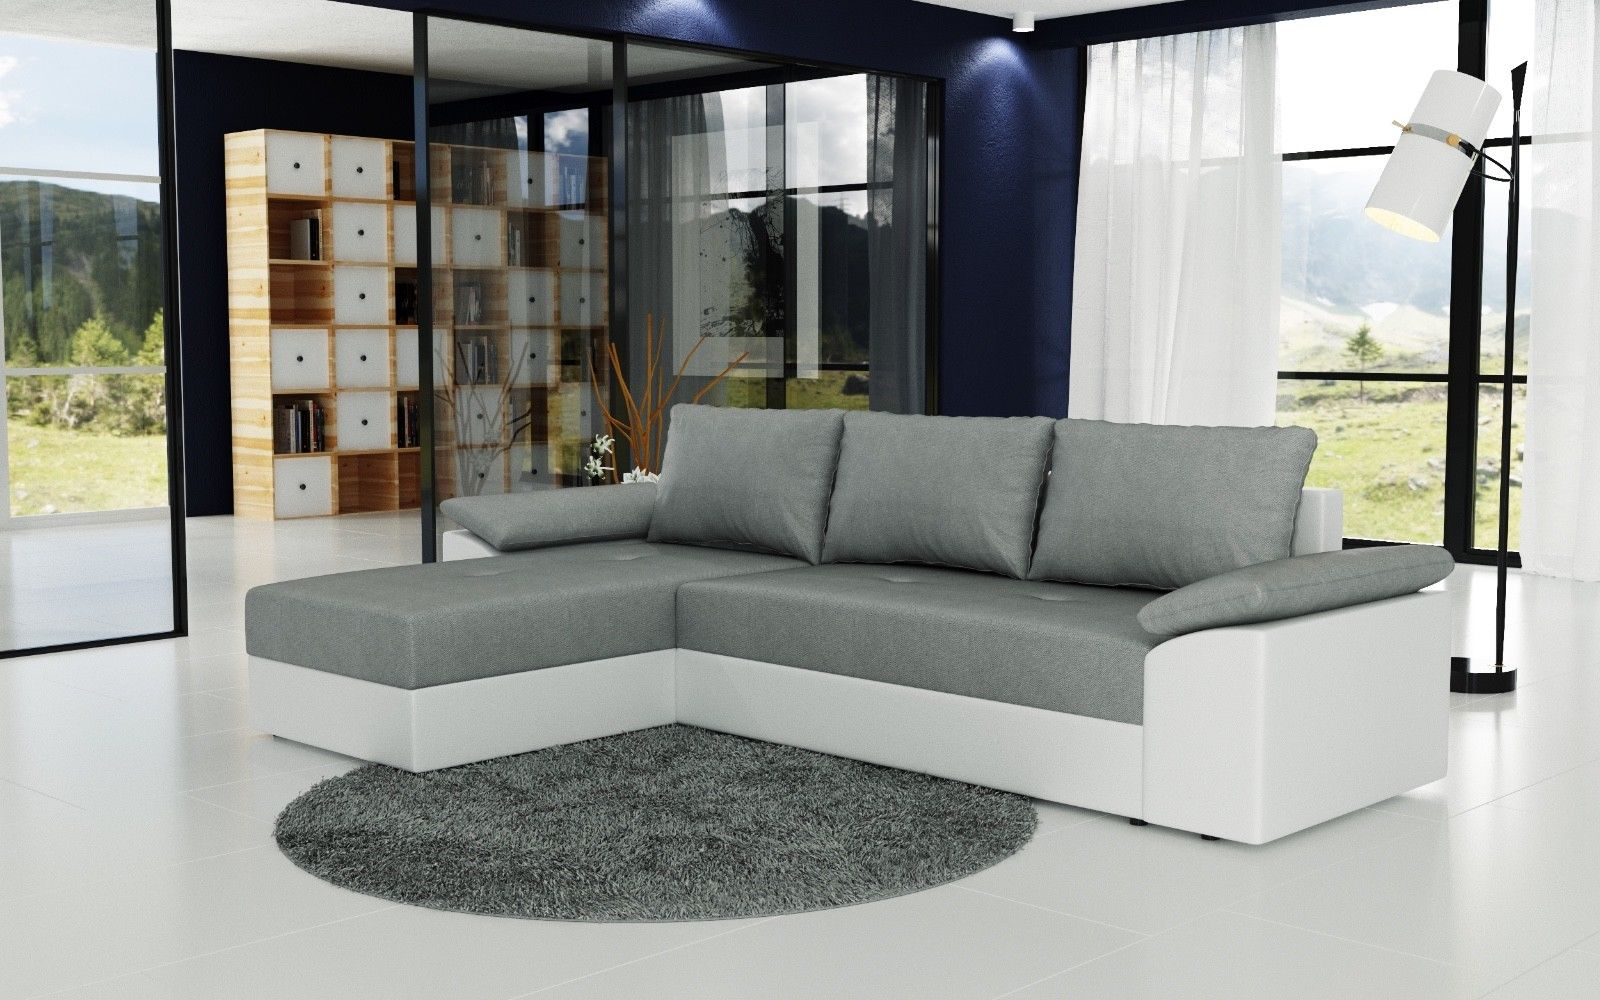 Couchgarnitur Dallas L Ecksofa Eck Couch Sofagarnitur Sofa